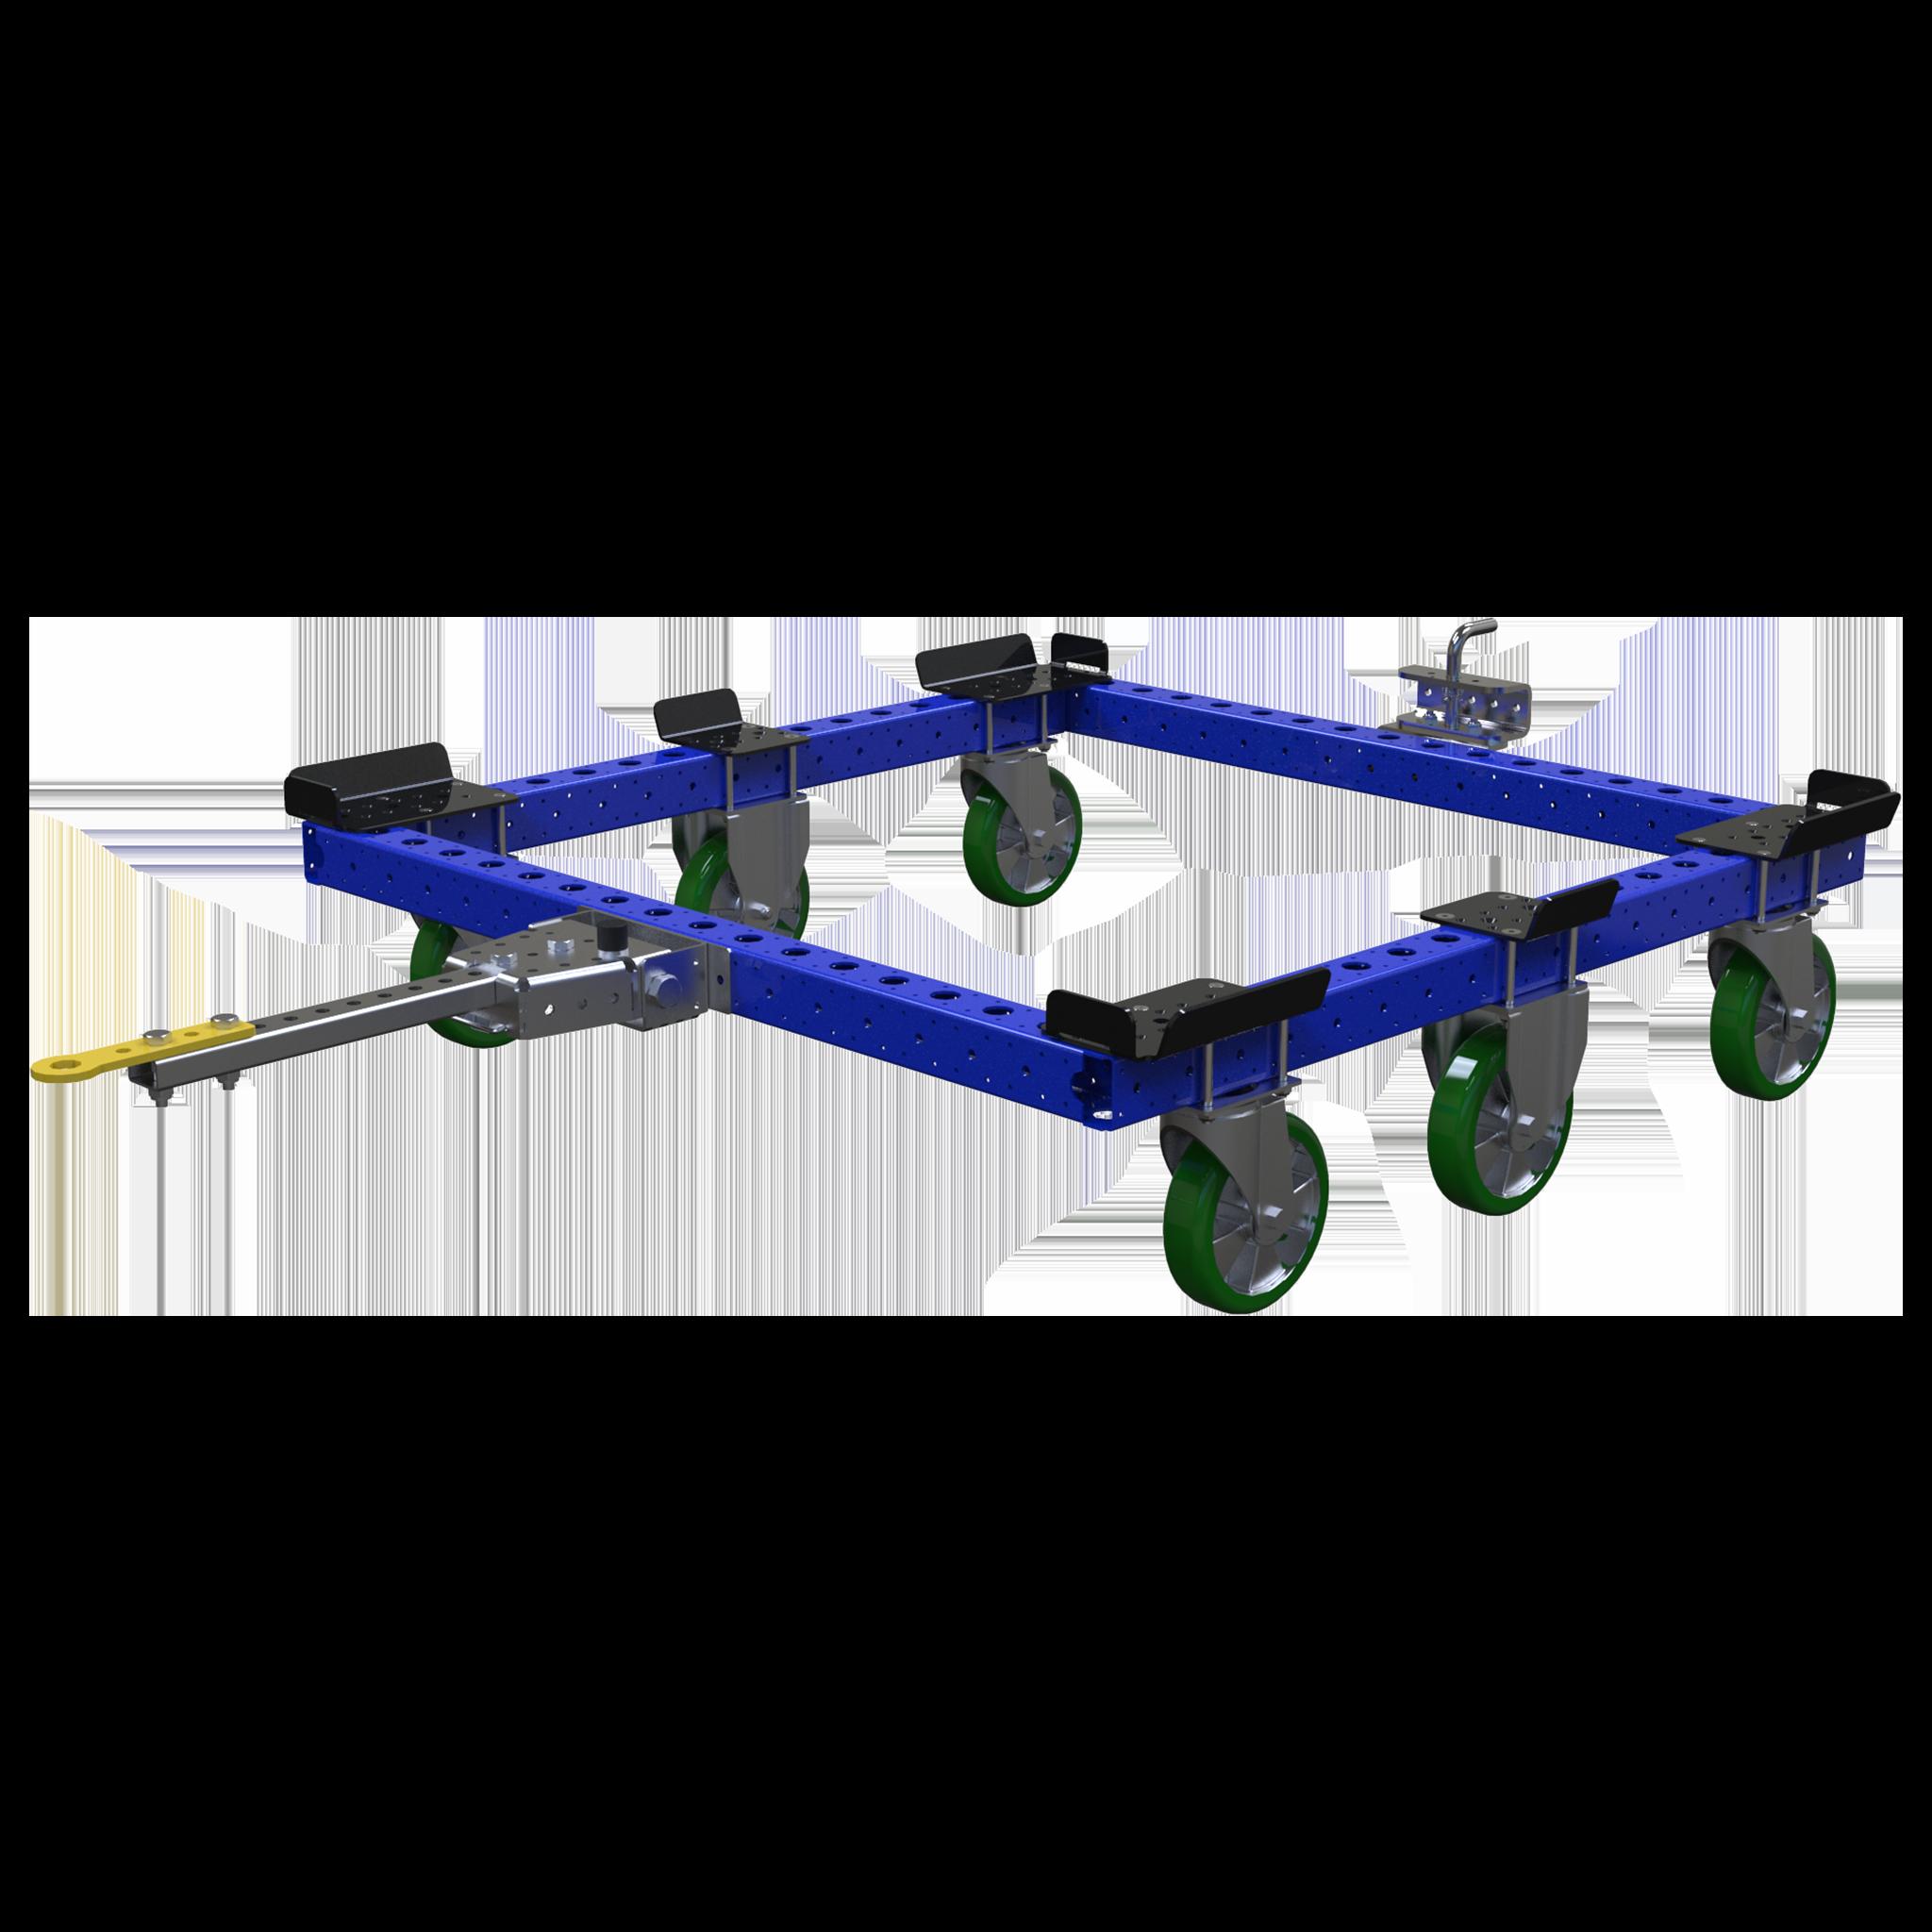 Carro remolcador de palés - 1260 x 1260 mm